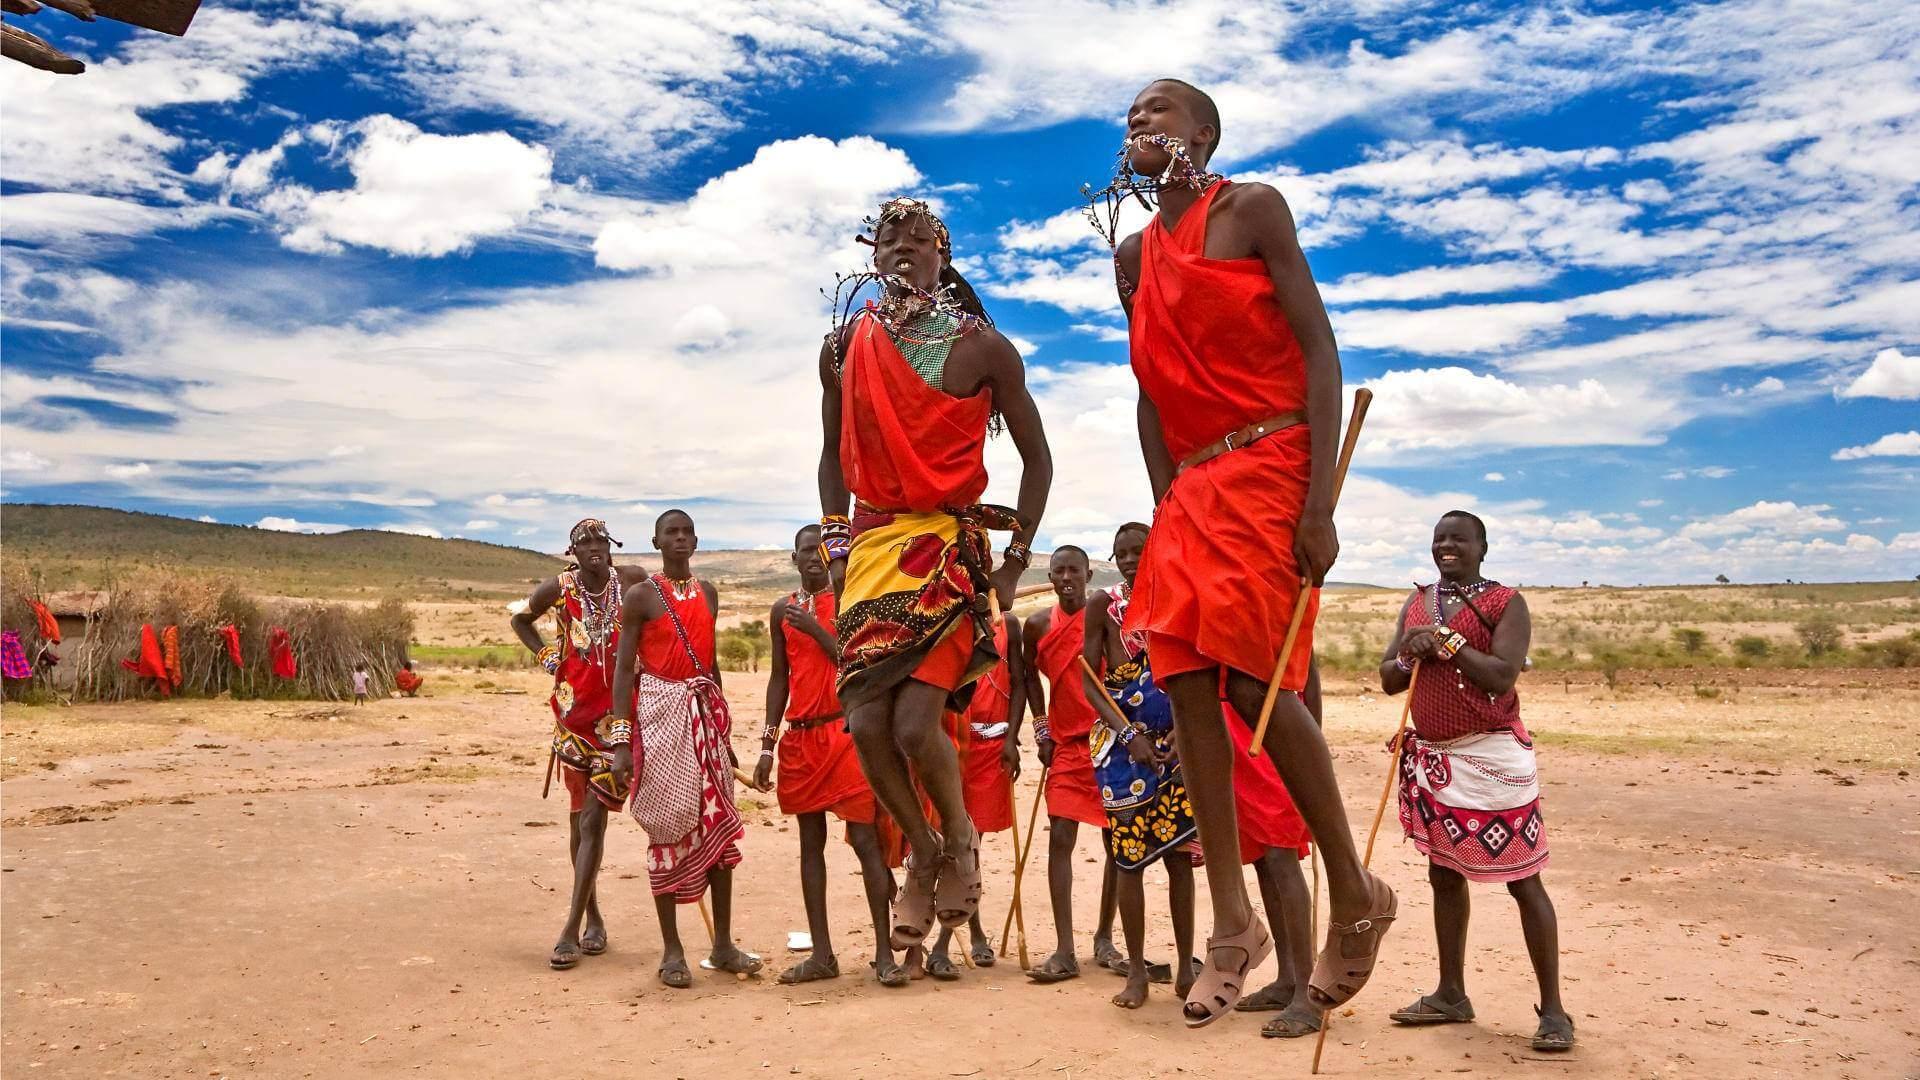 родилась жизнь в африке в картинках касается